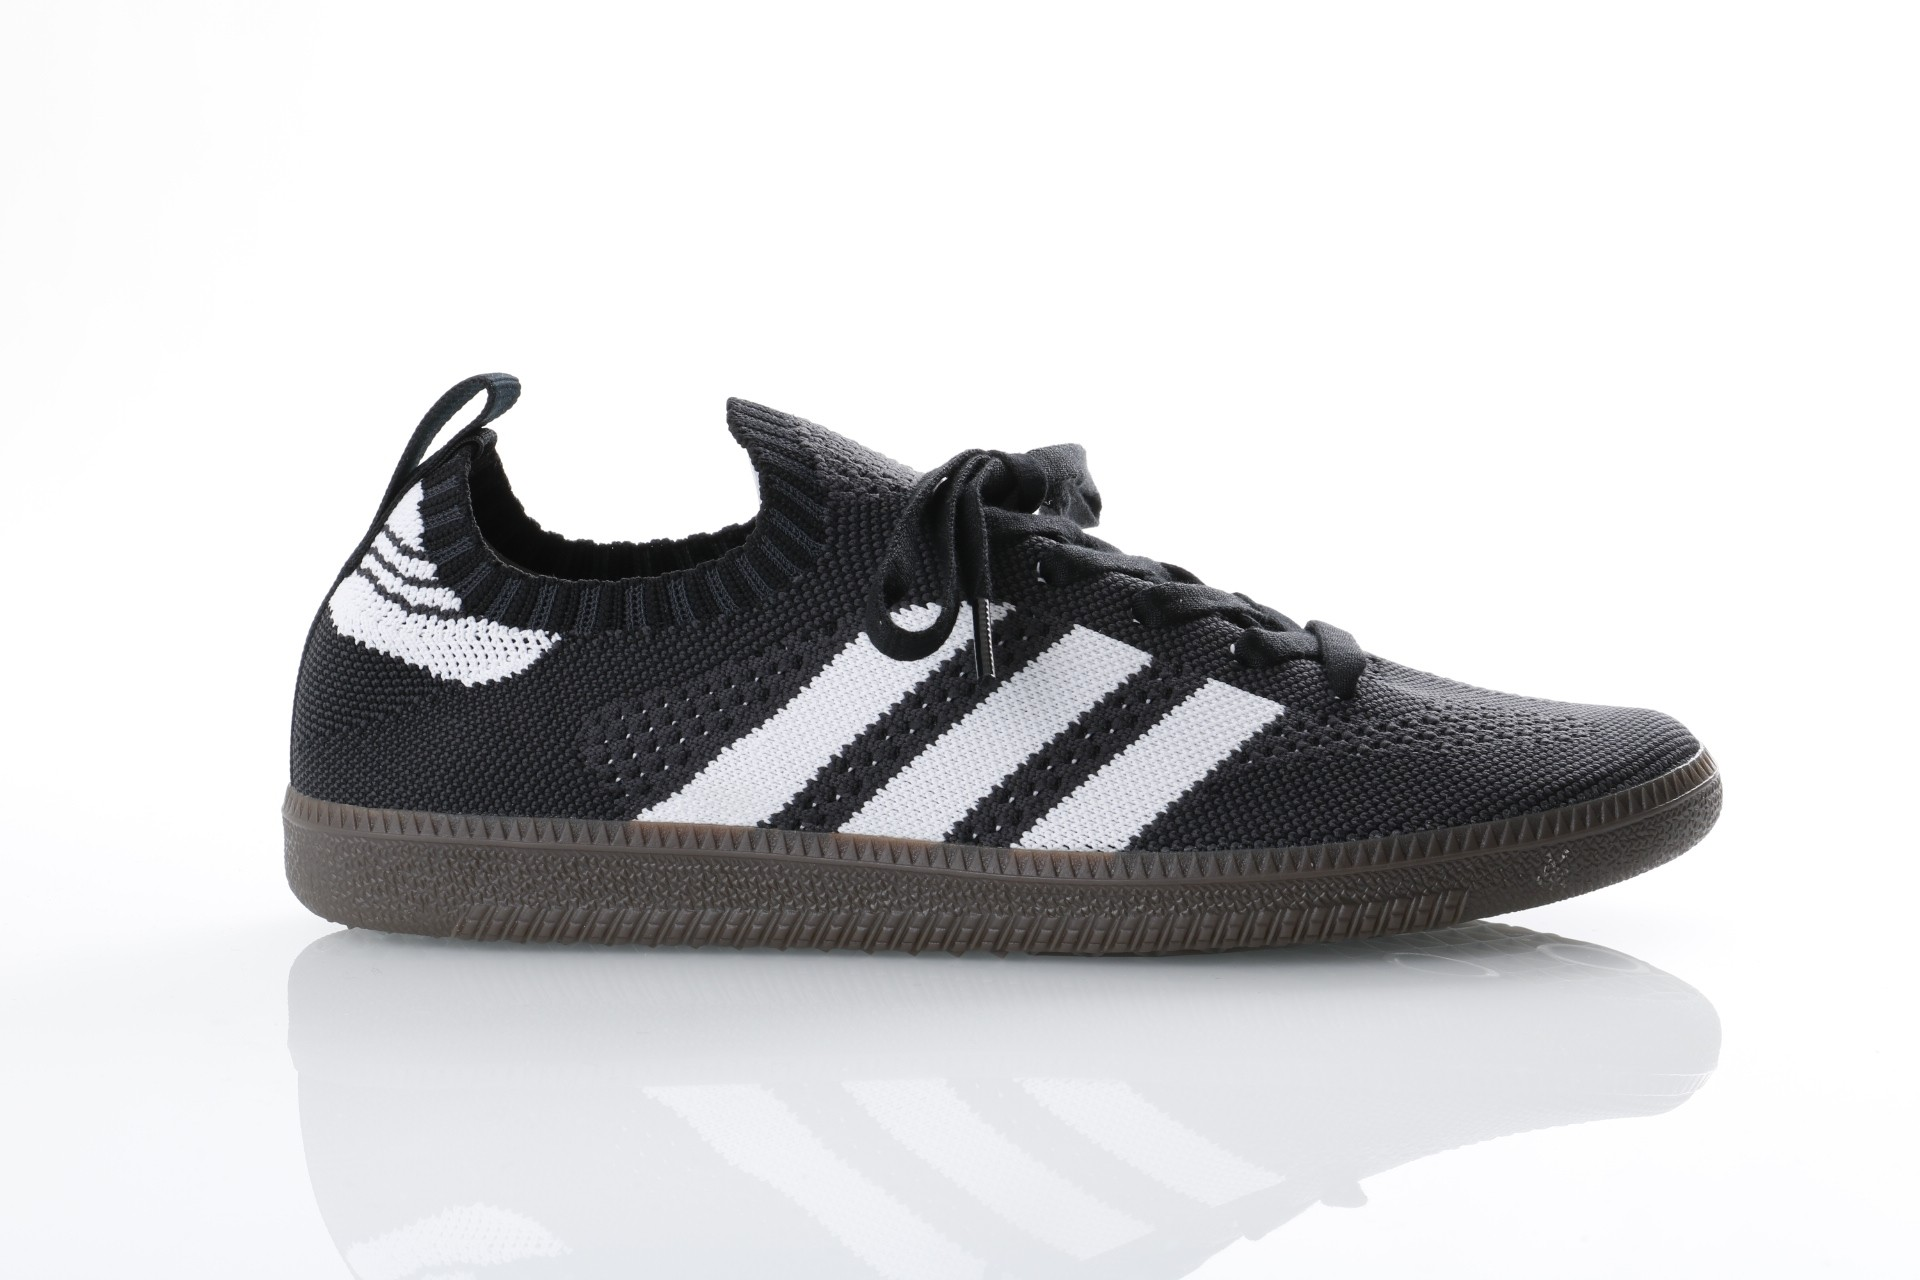 Afbeelding van Adidas Originals CQ2218 Sneakers Samba PK sock Zwart